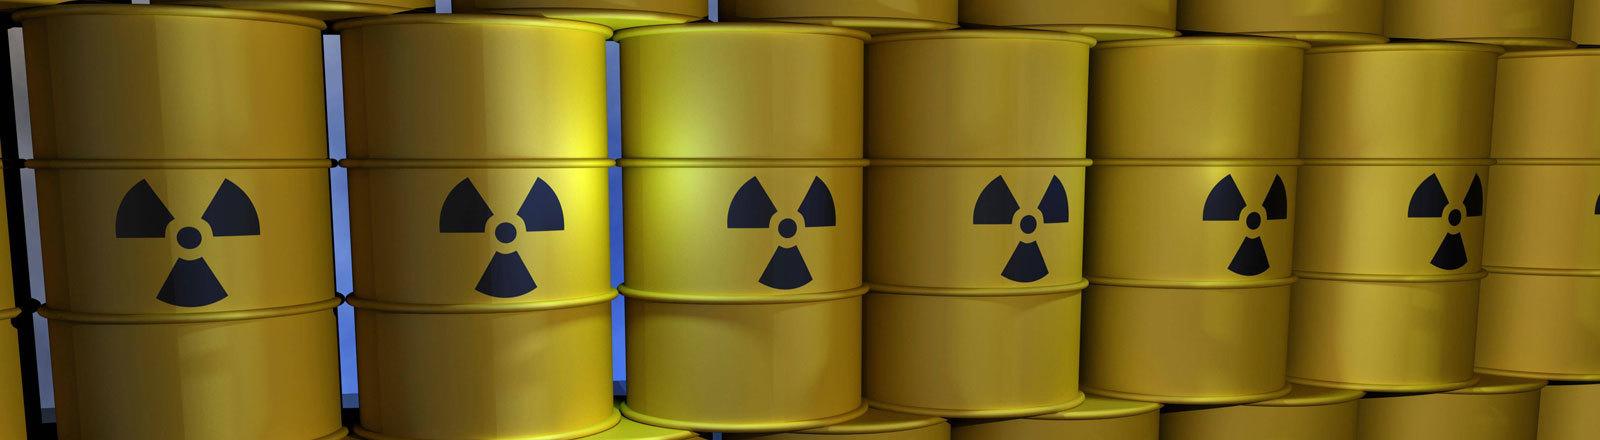 Gestapelte Fässer mit Atommüll